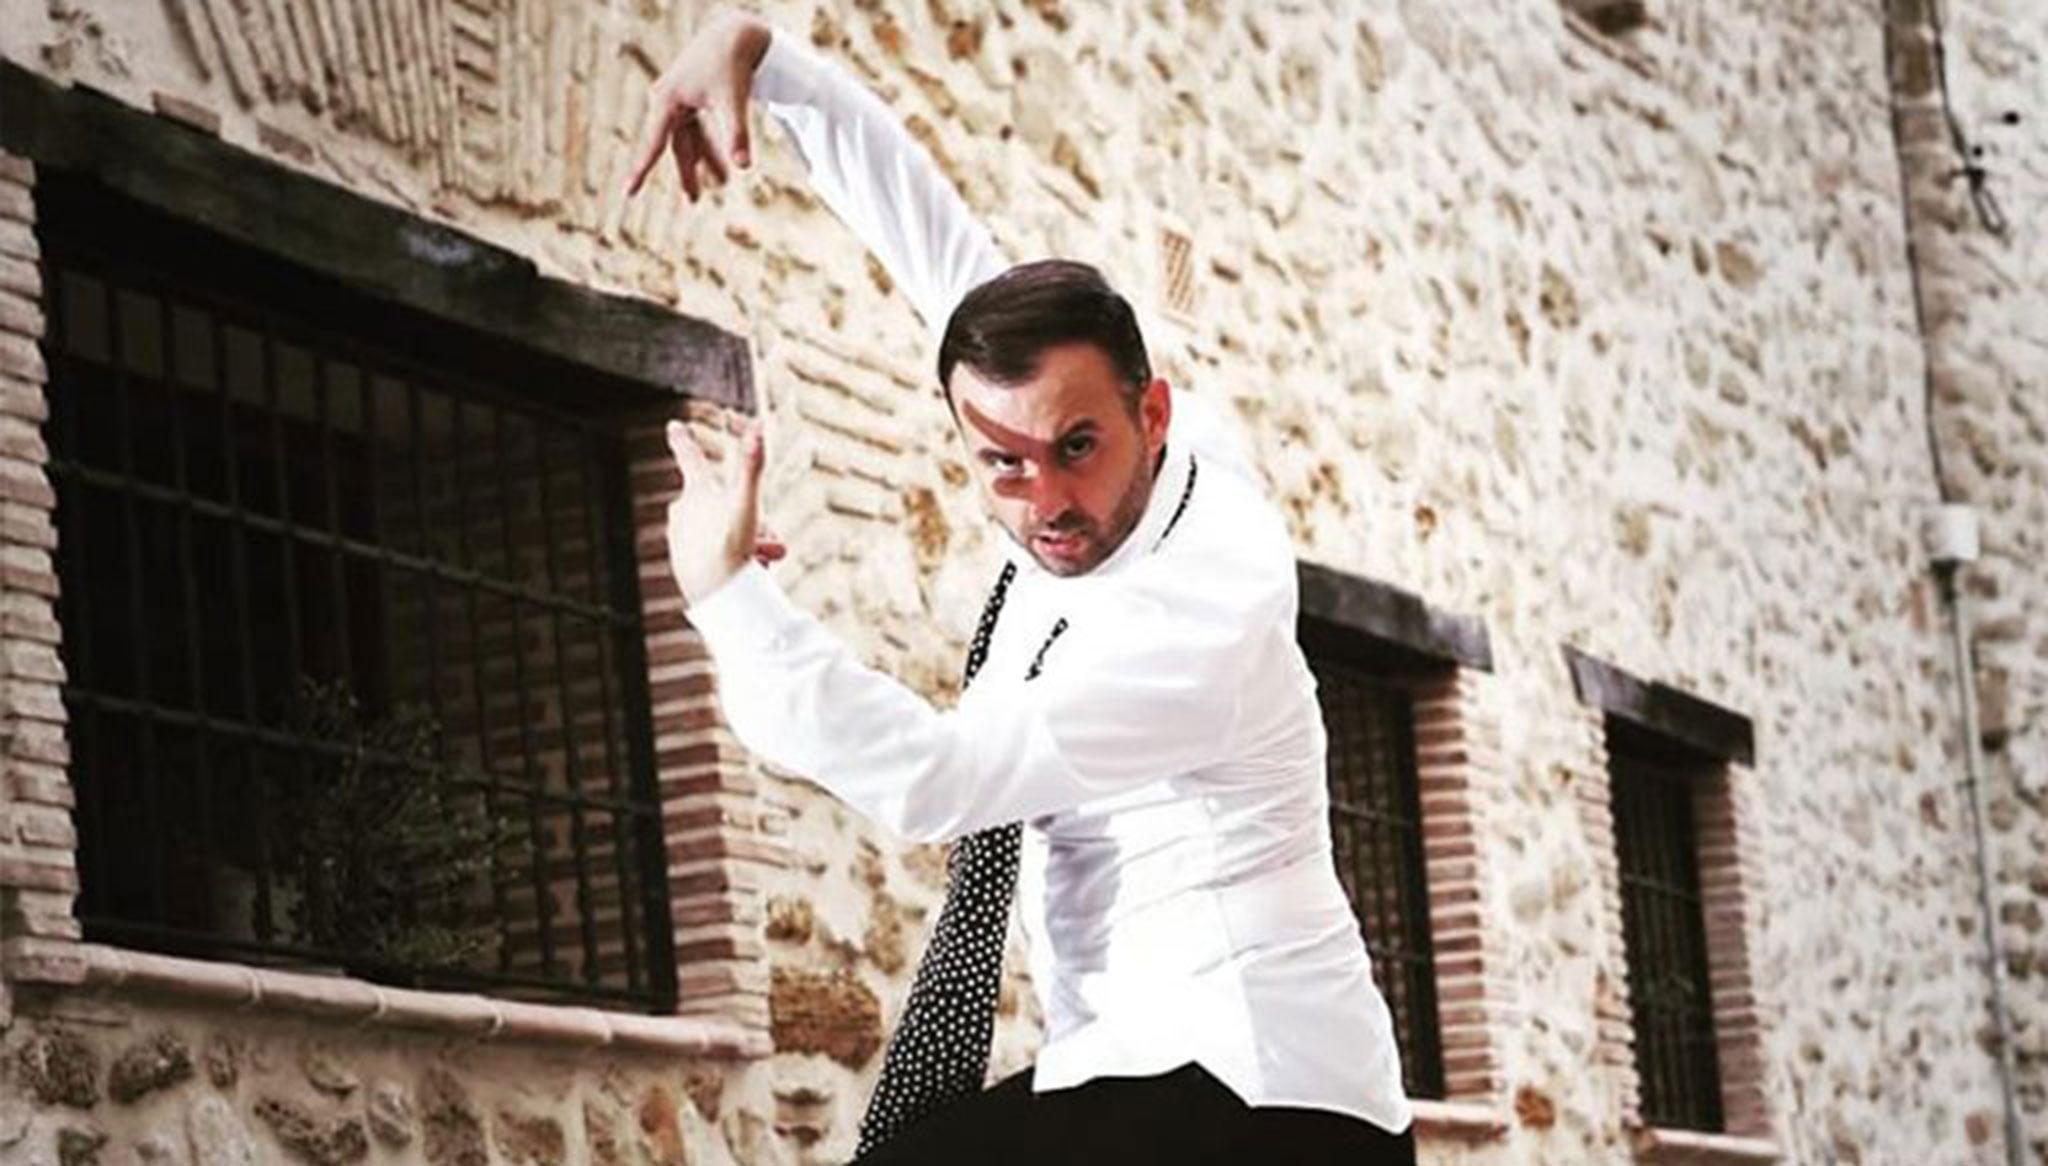 El bailarín y profesor Miguel Ángel Bolo – Centro Deportivo Dénia